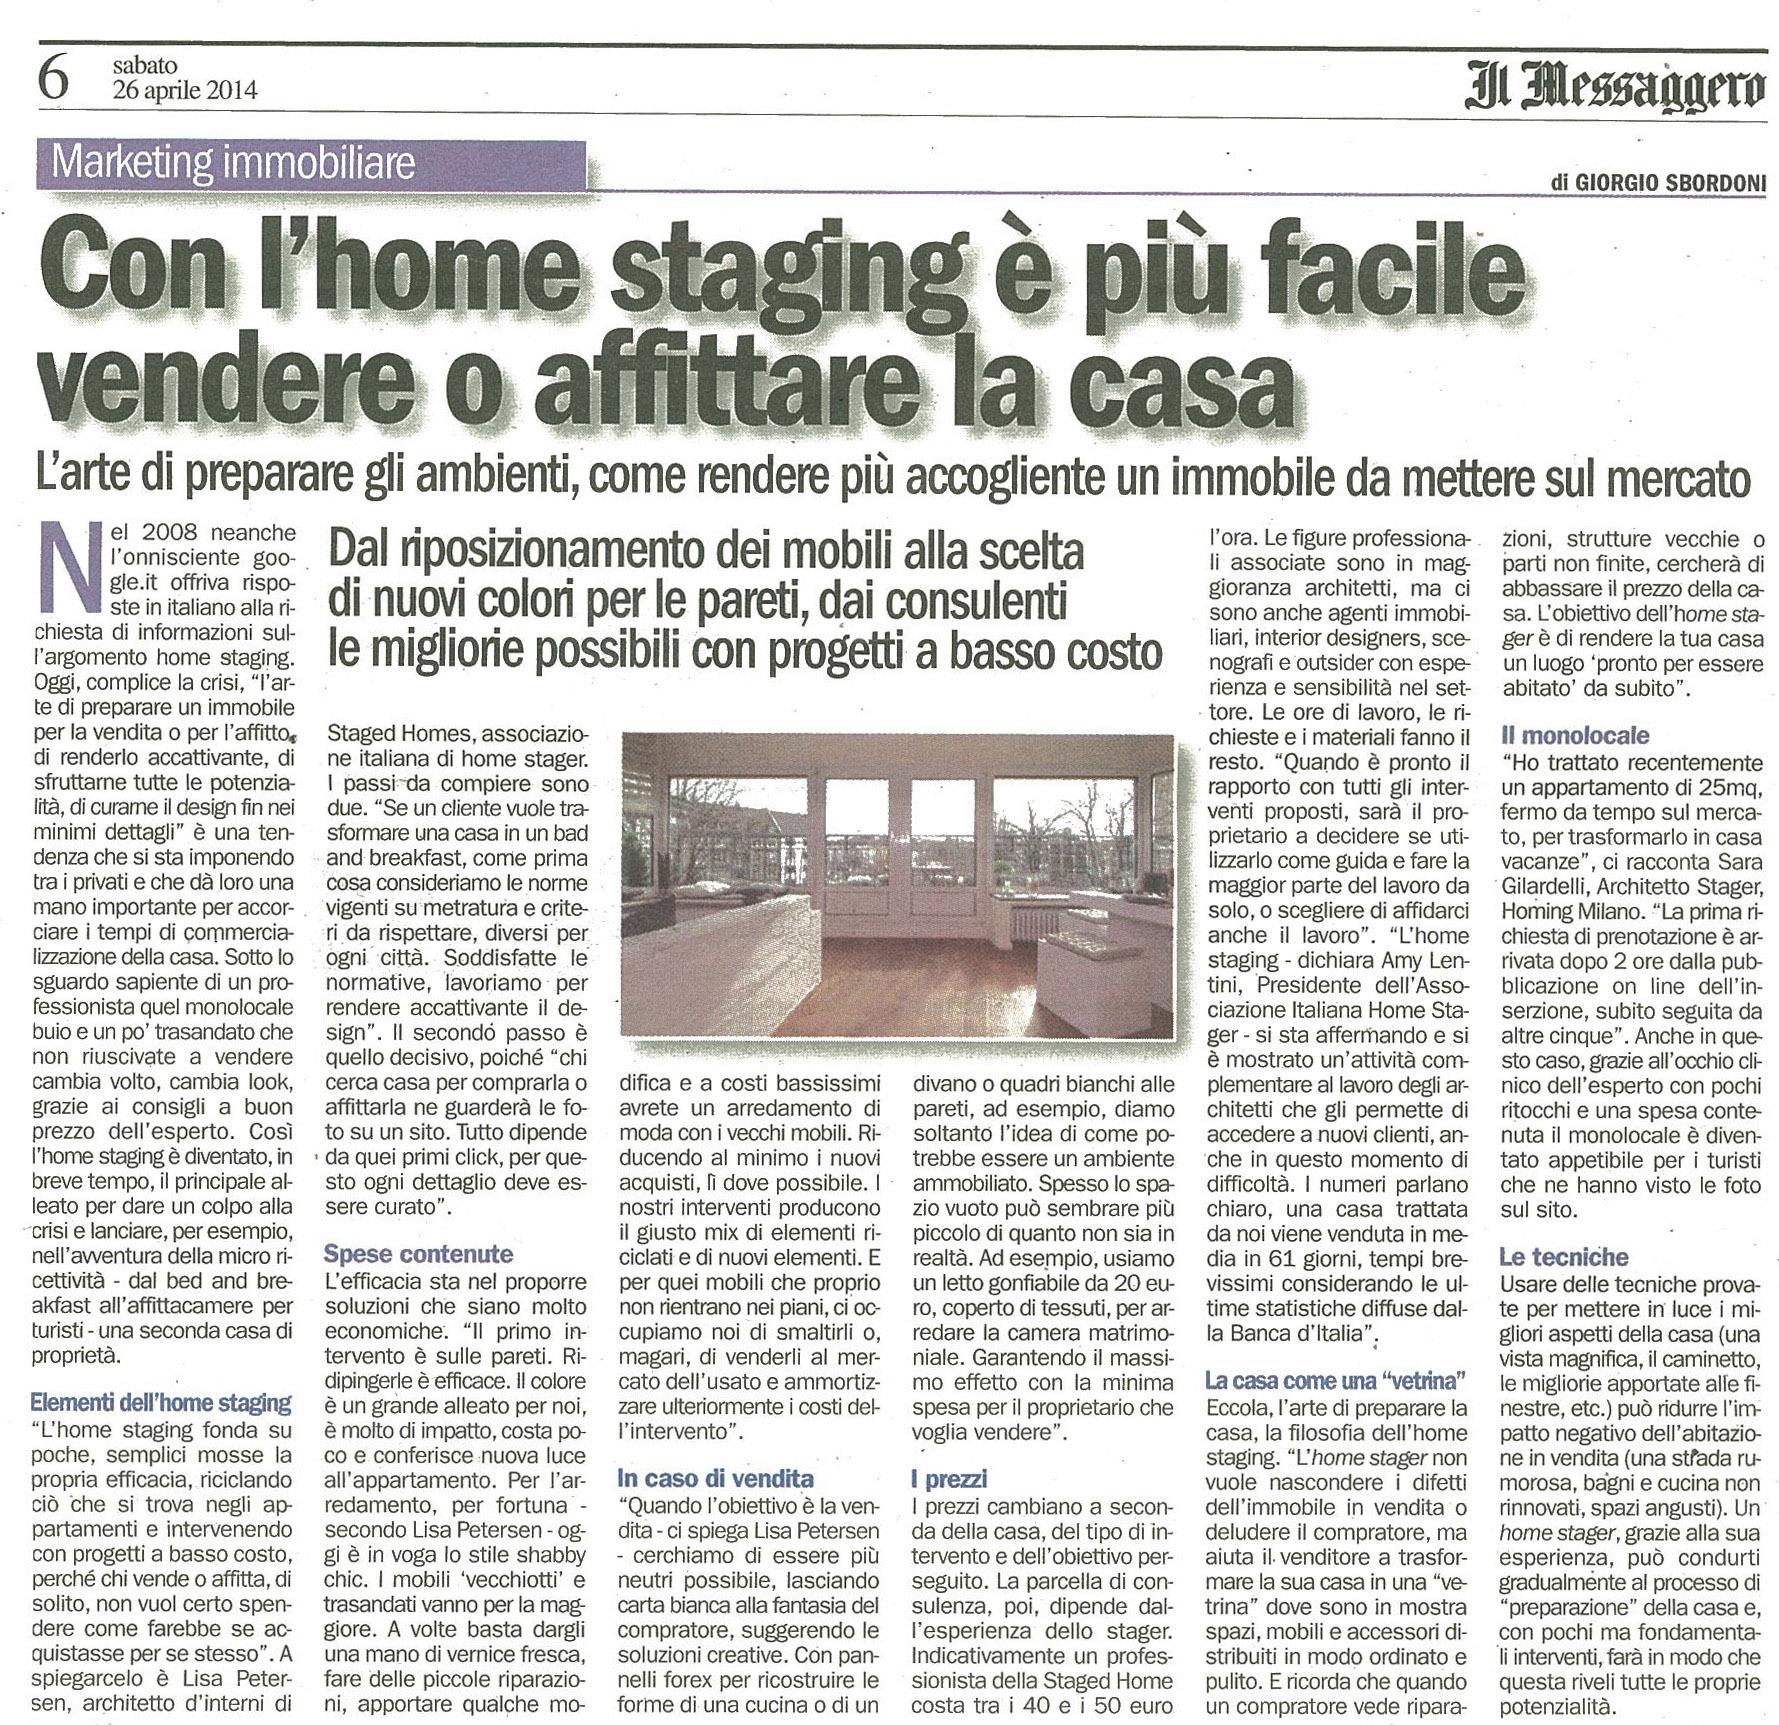 Divano Letto Gonfiabile Roma.Press Articles Lp Id